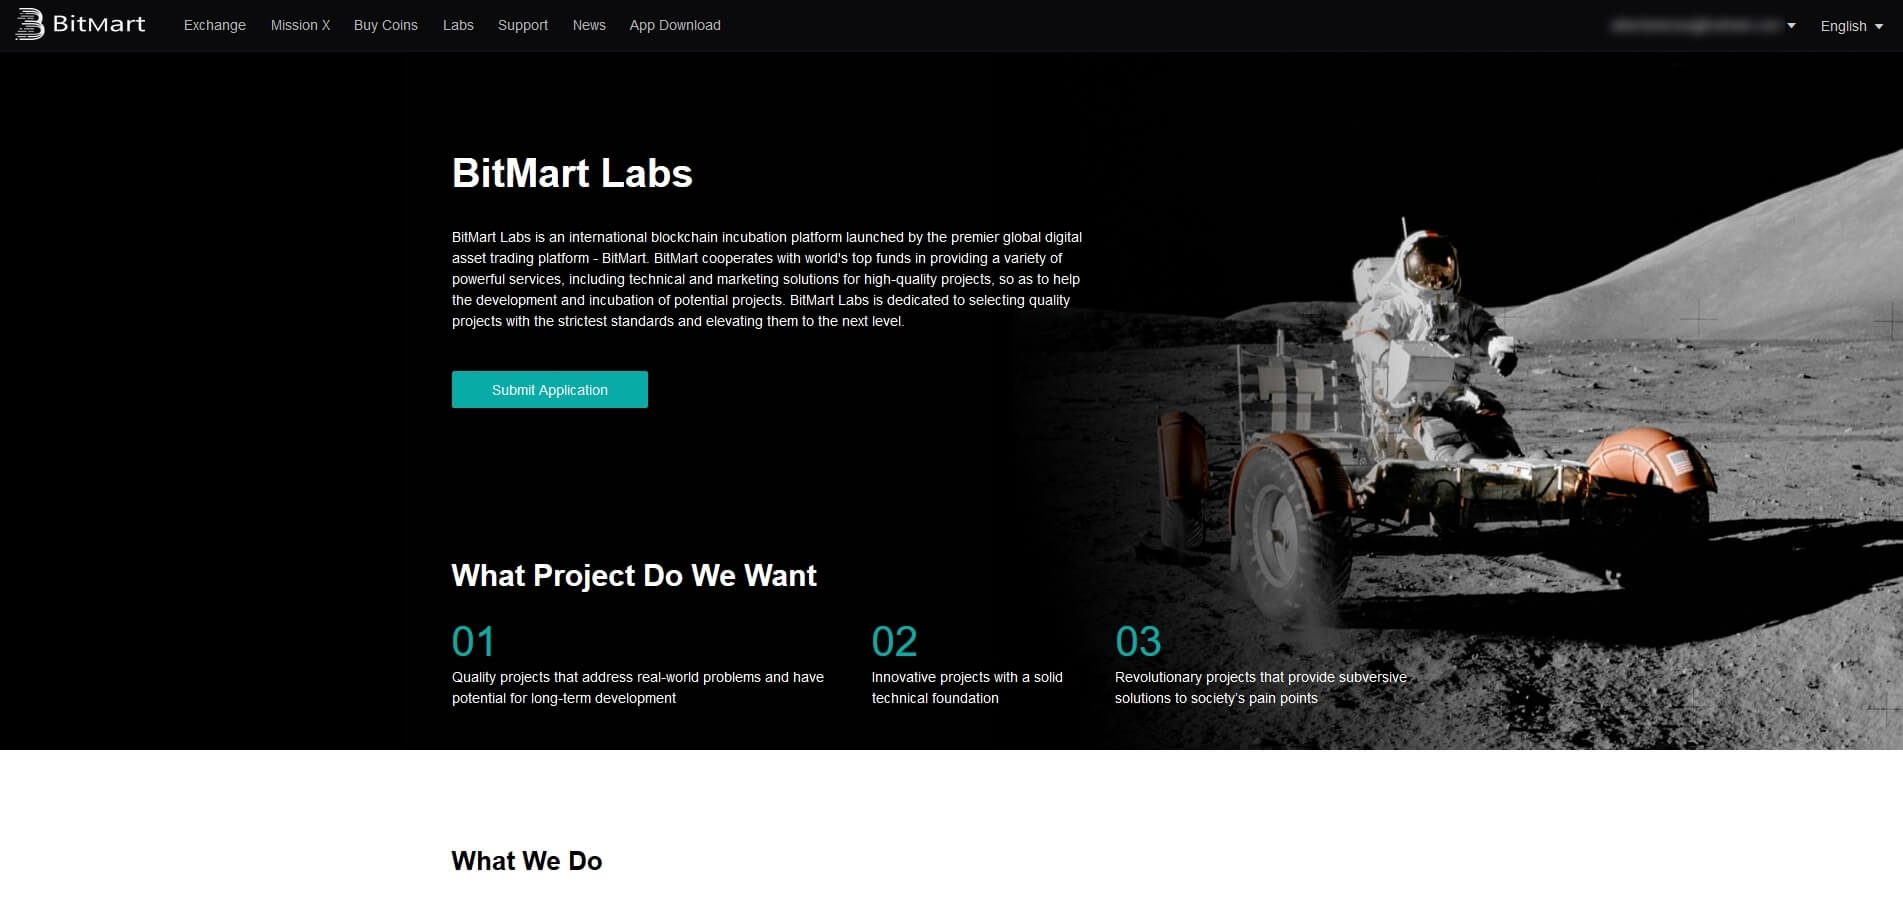 BitMart Labs